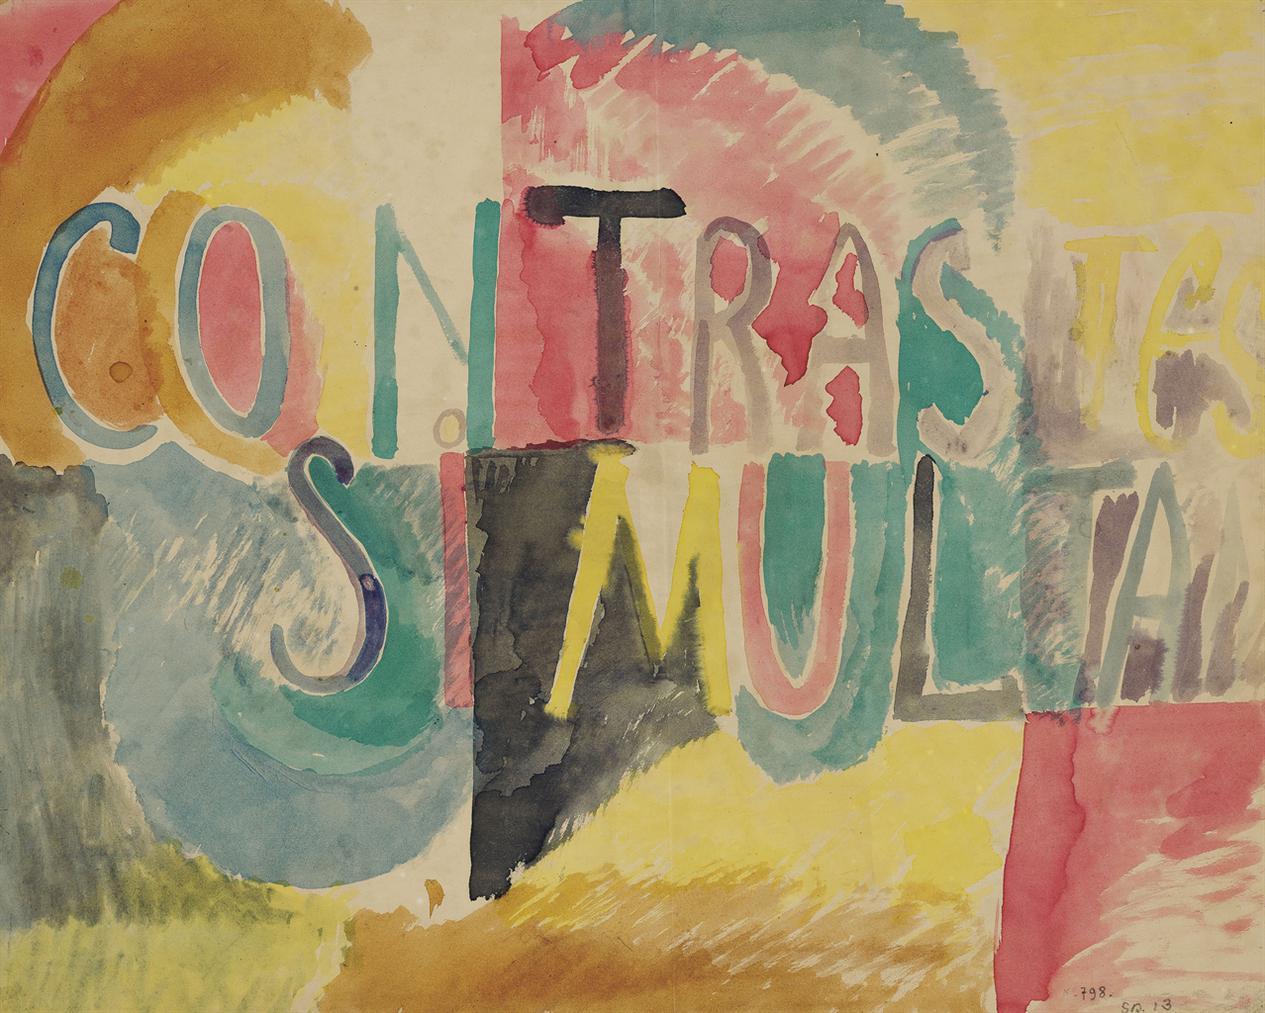 Sonia Delaunay-Contrastes Simultanes-1913